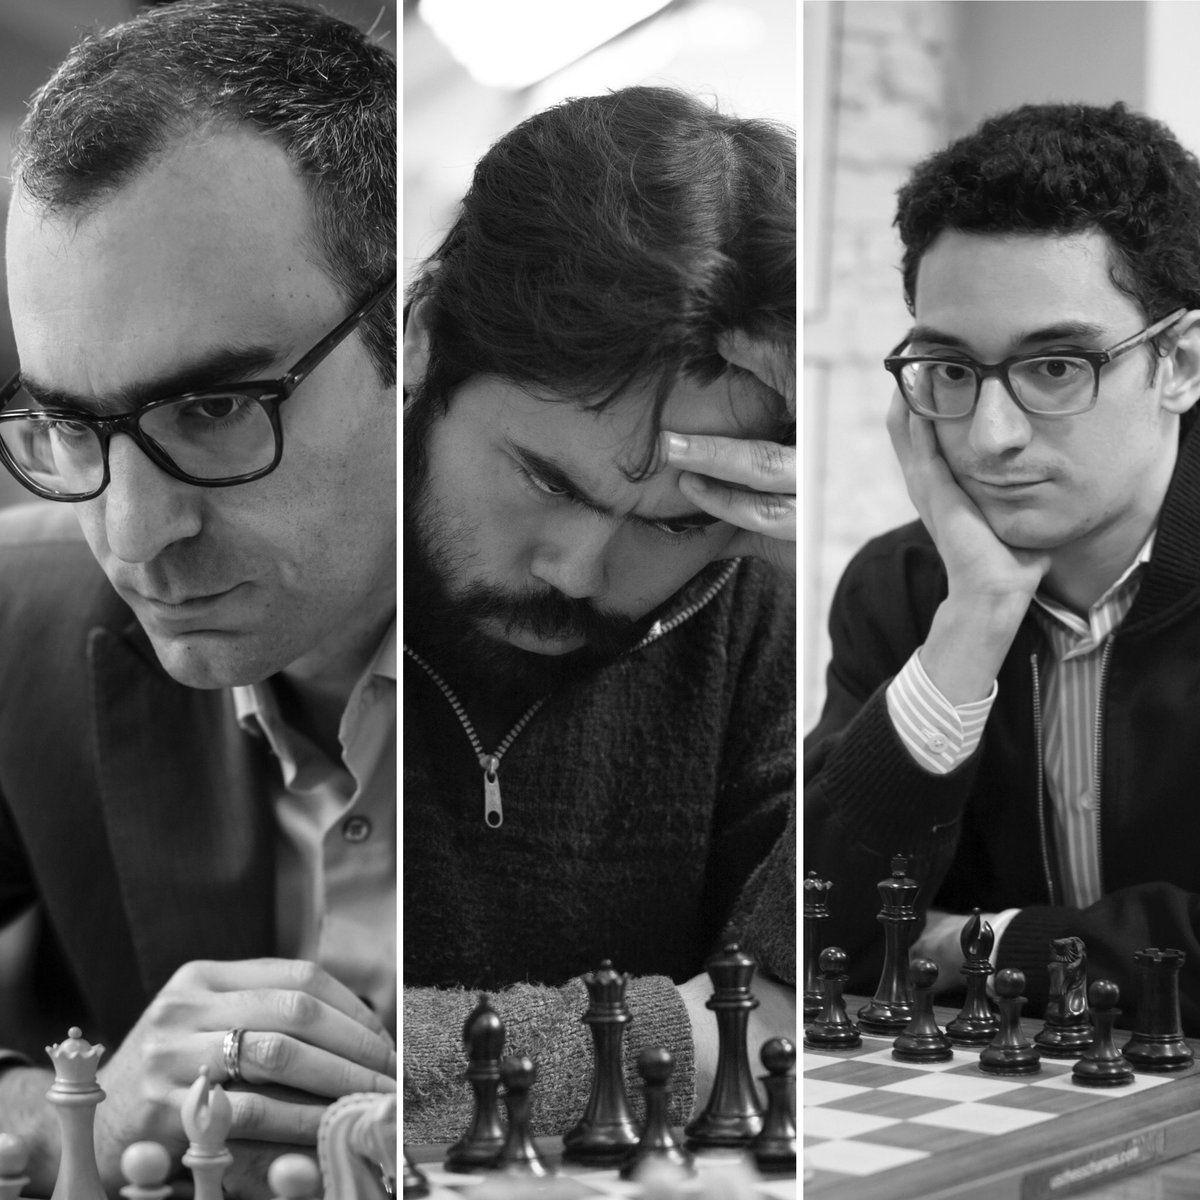 El duelo final entre Leinier, Nakamura y Caruana dejó al japonés como vencedor. Foto: Saint Louis Chess Club